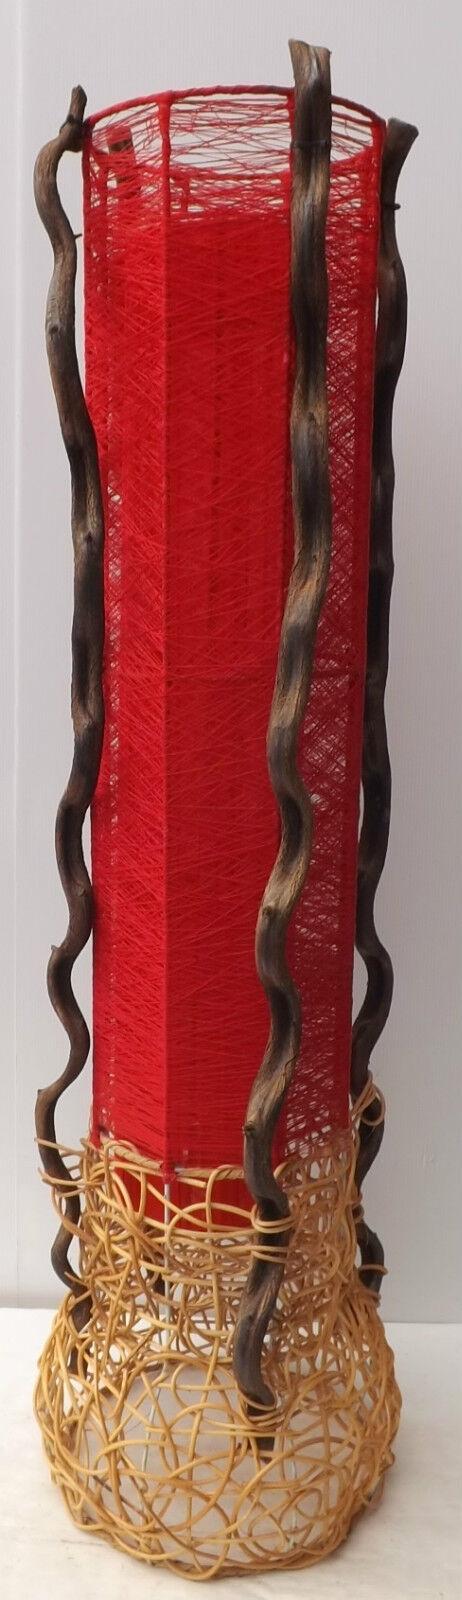 Lampe Lampe sur pied cylindrique cylindrique cylindrique en légume et le tissu rouge rouge cm 100x24 n2   Forme élégante  b82b47